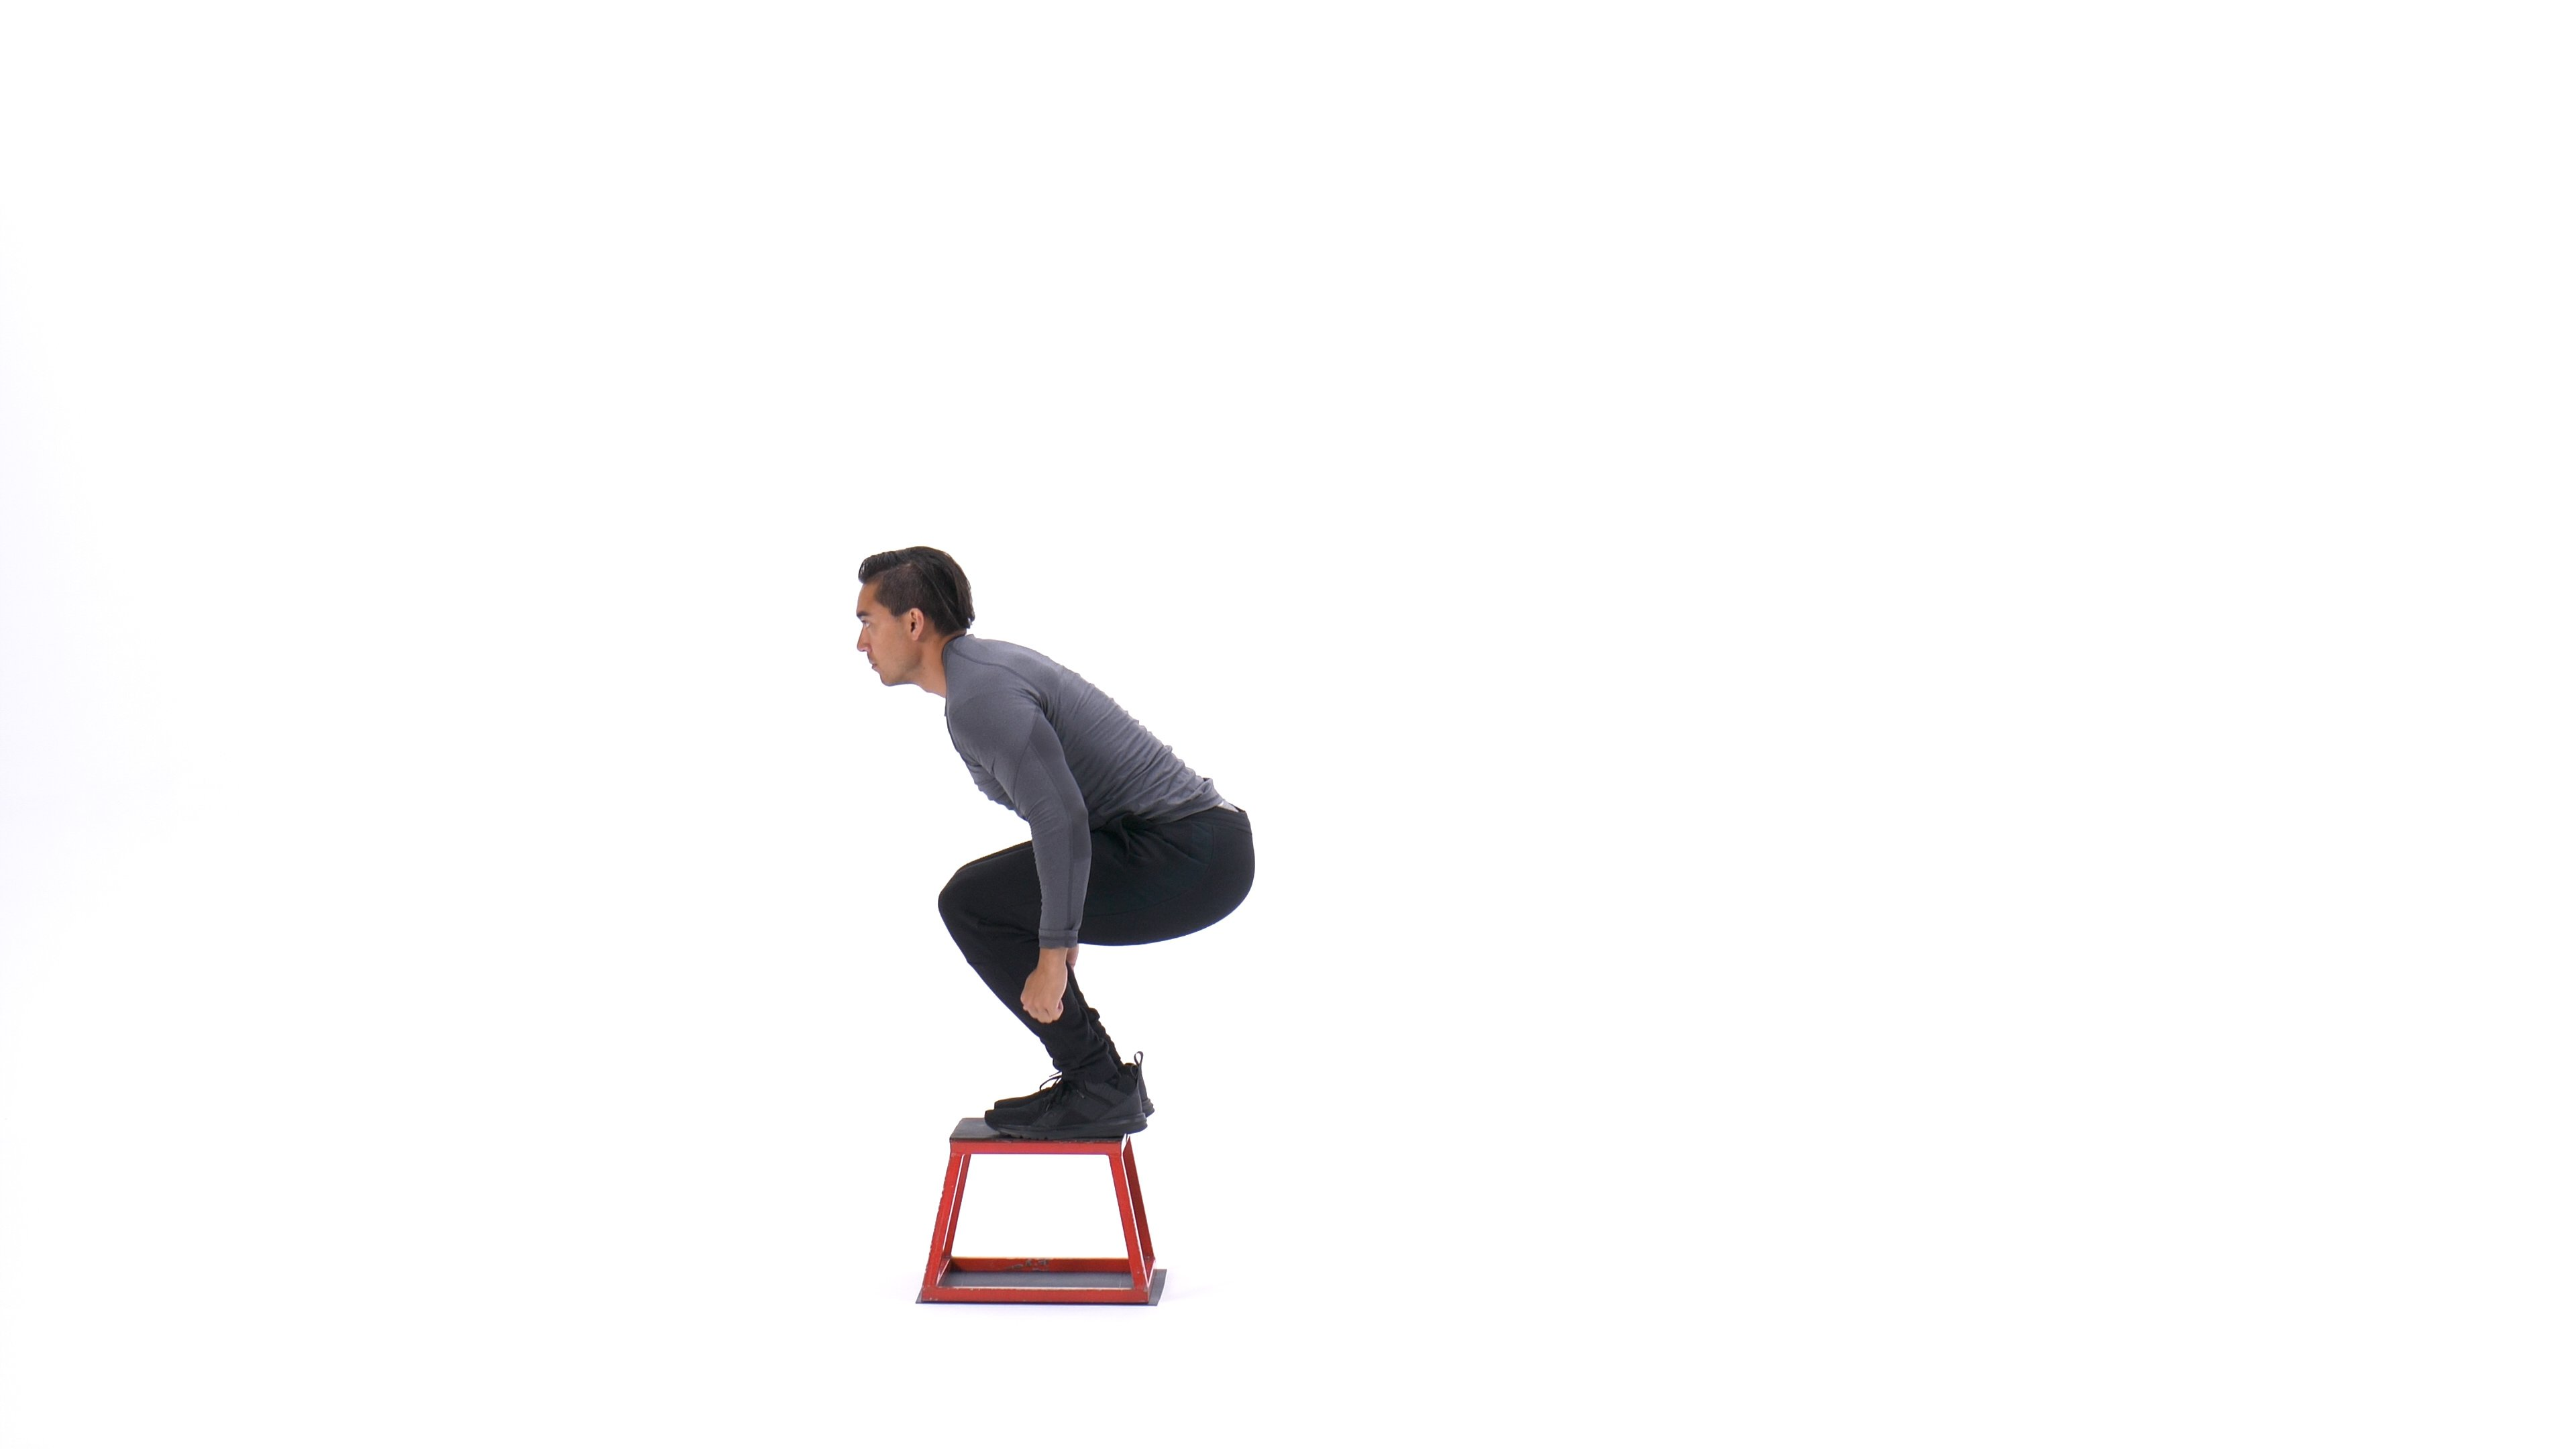 Burpee box jump image